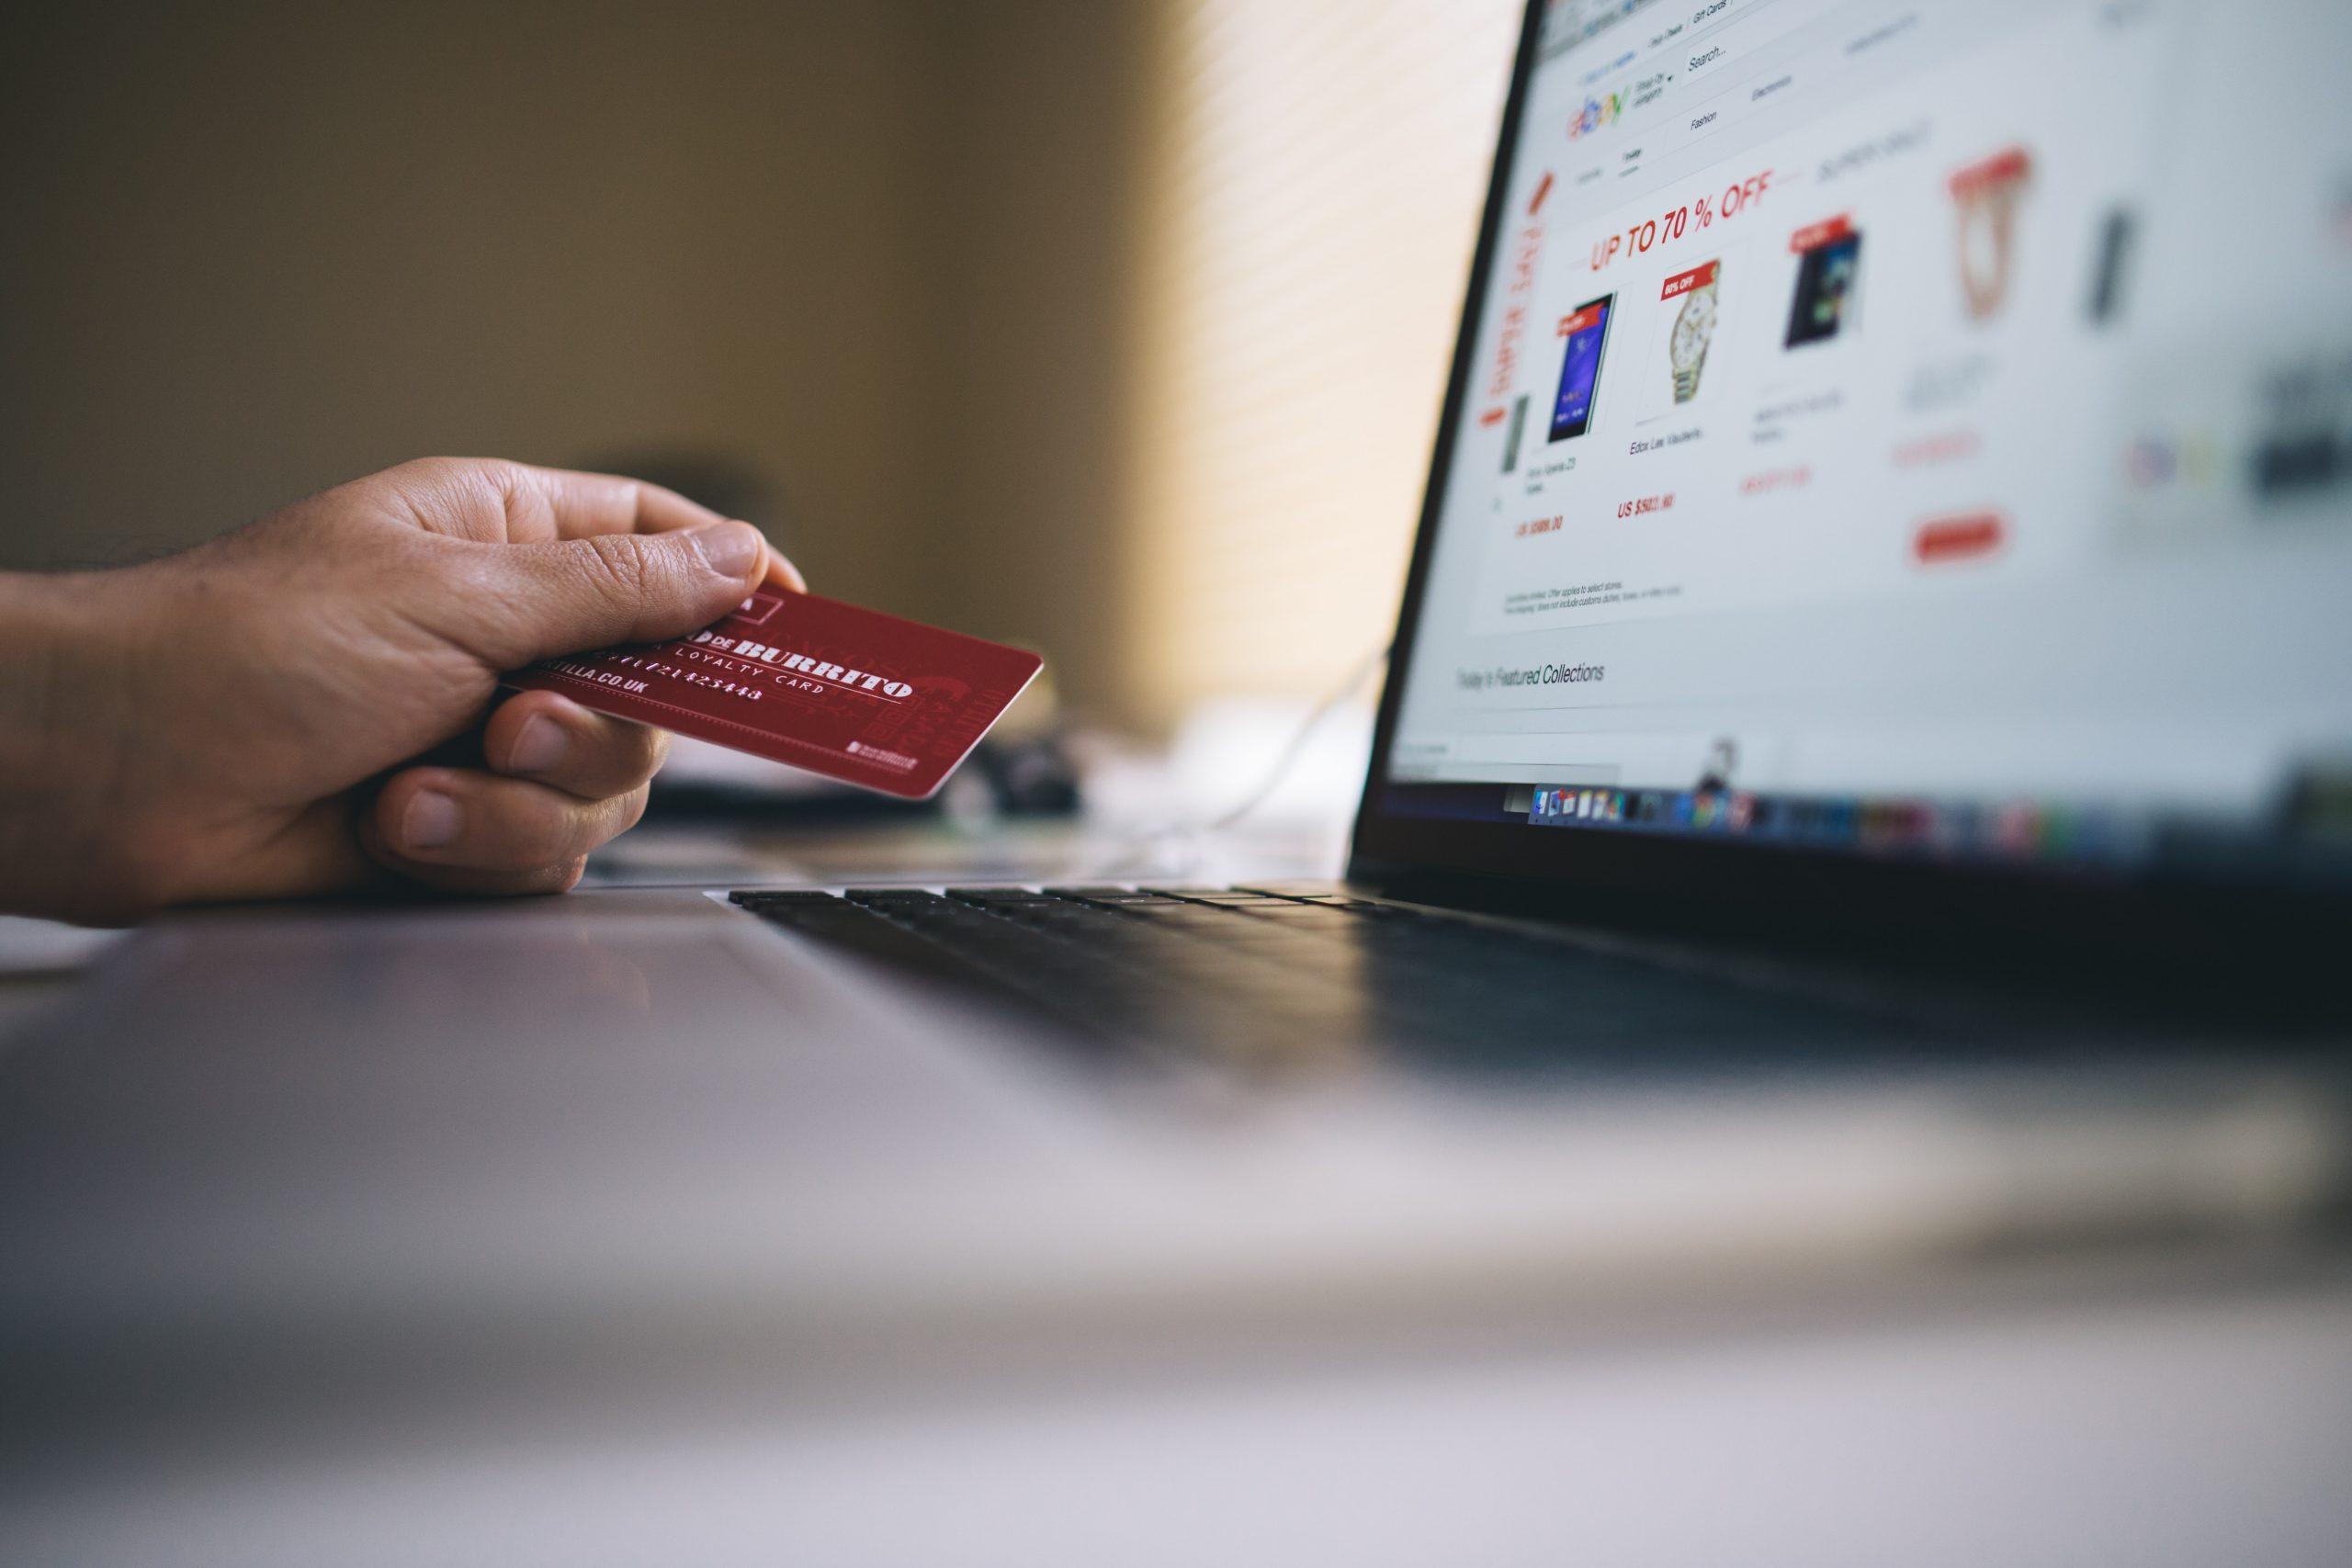 İnternetten Kredi Kartı Başvuru İşlemi Nasıl Yapılır2